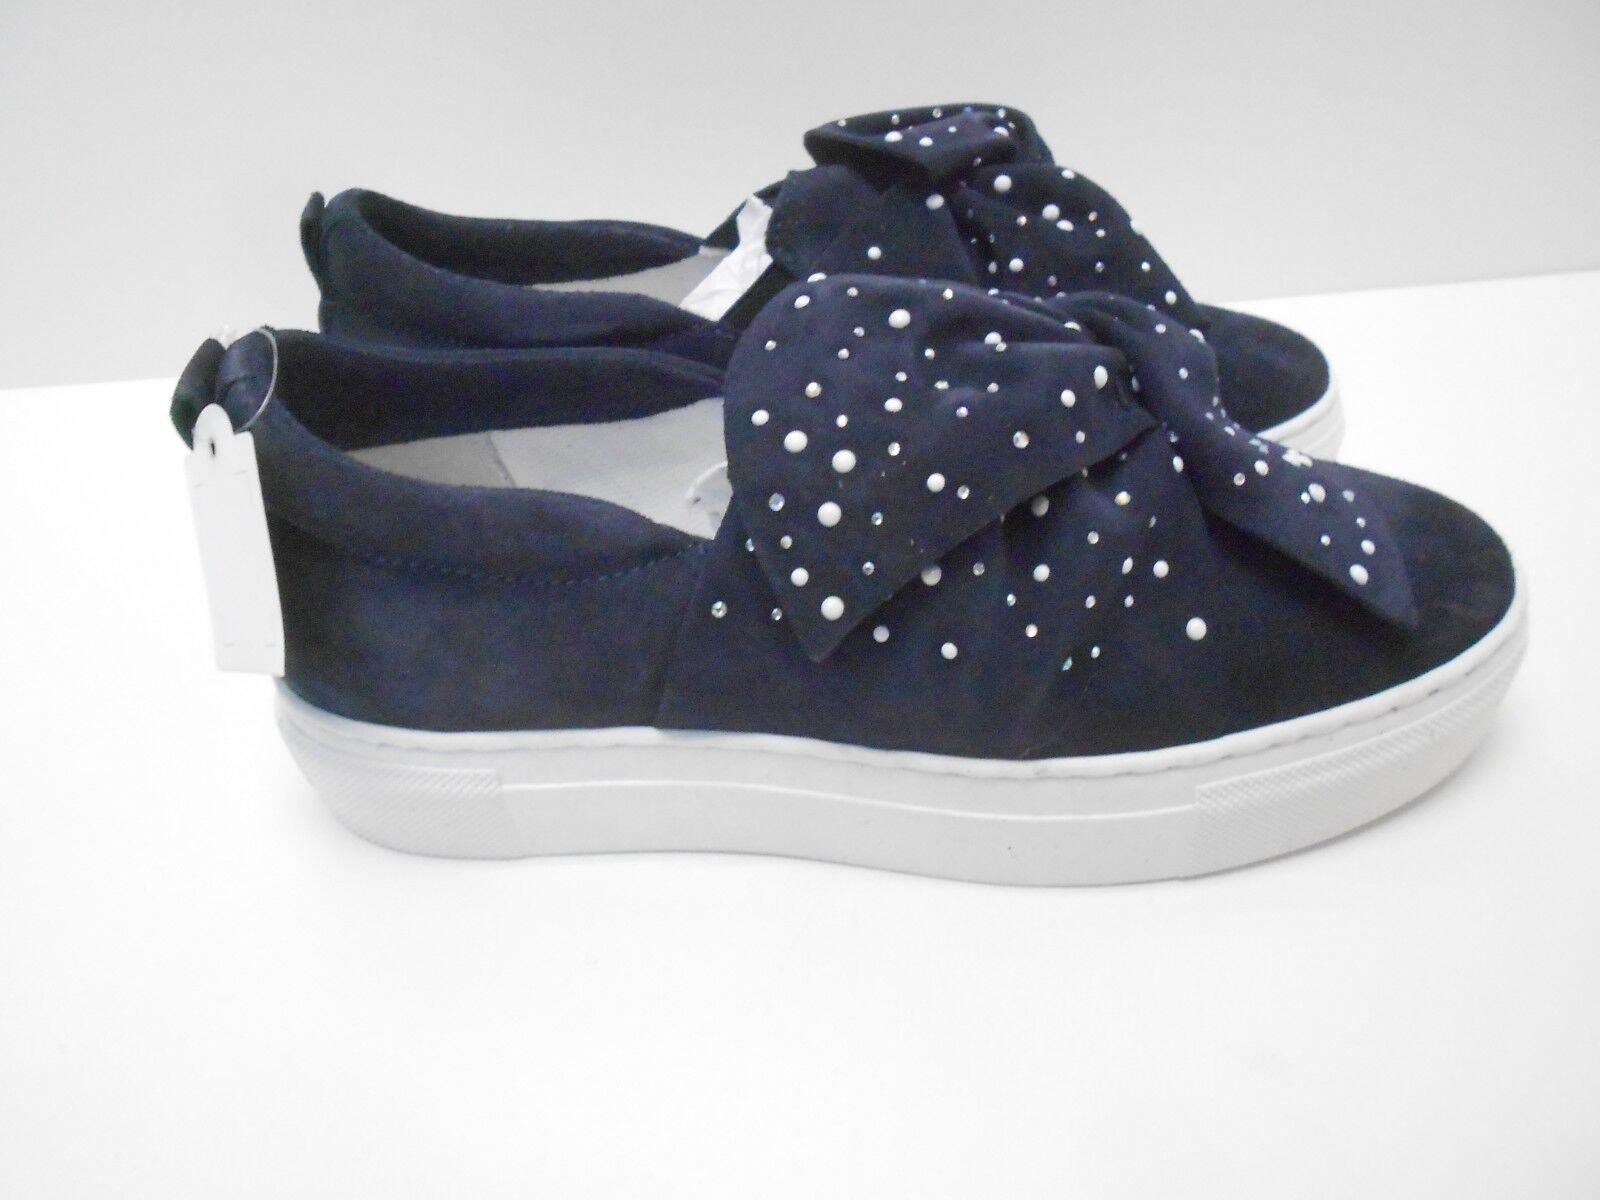 5 TH Avenue Damen Schuhe Slipper  Blau Größe 38 (2959)